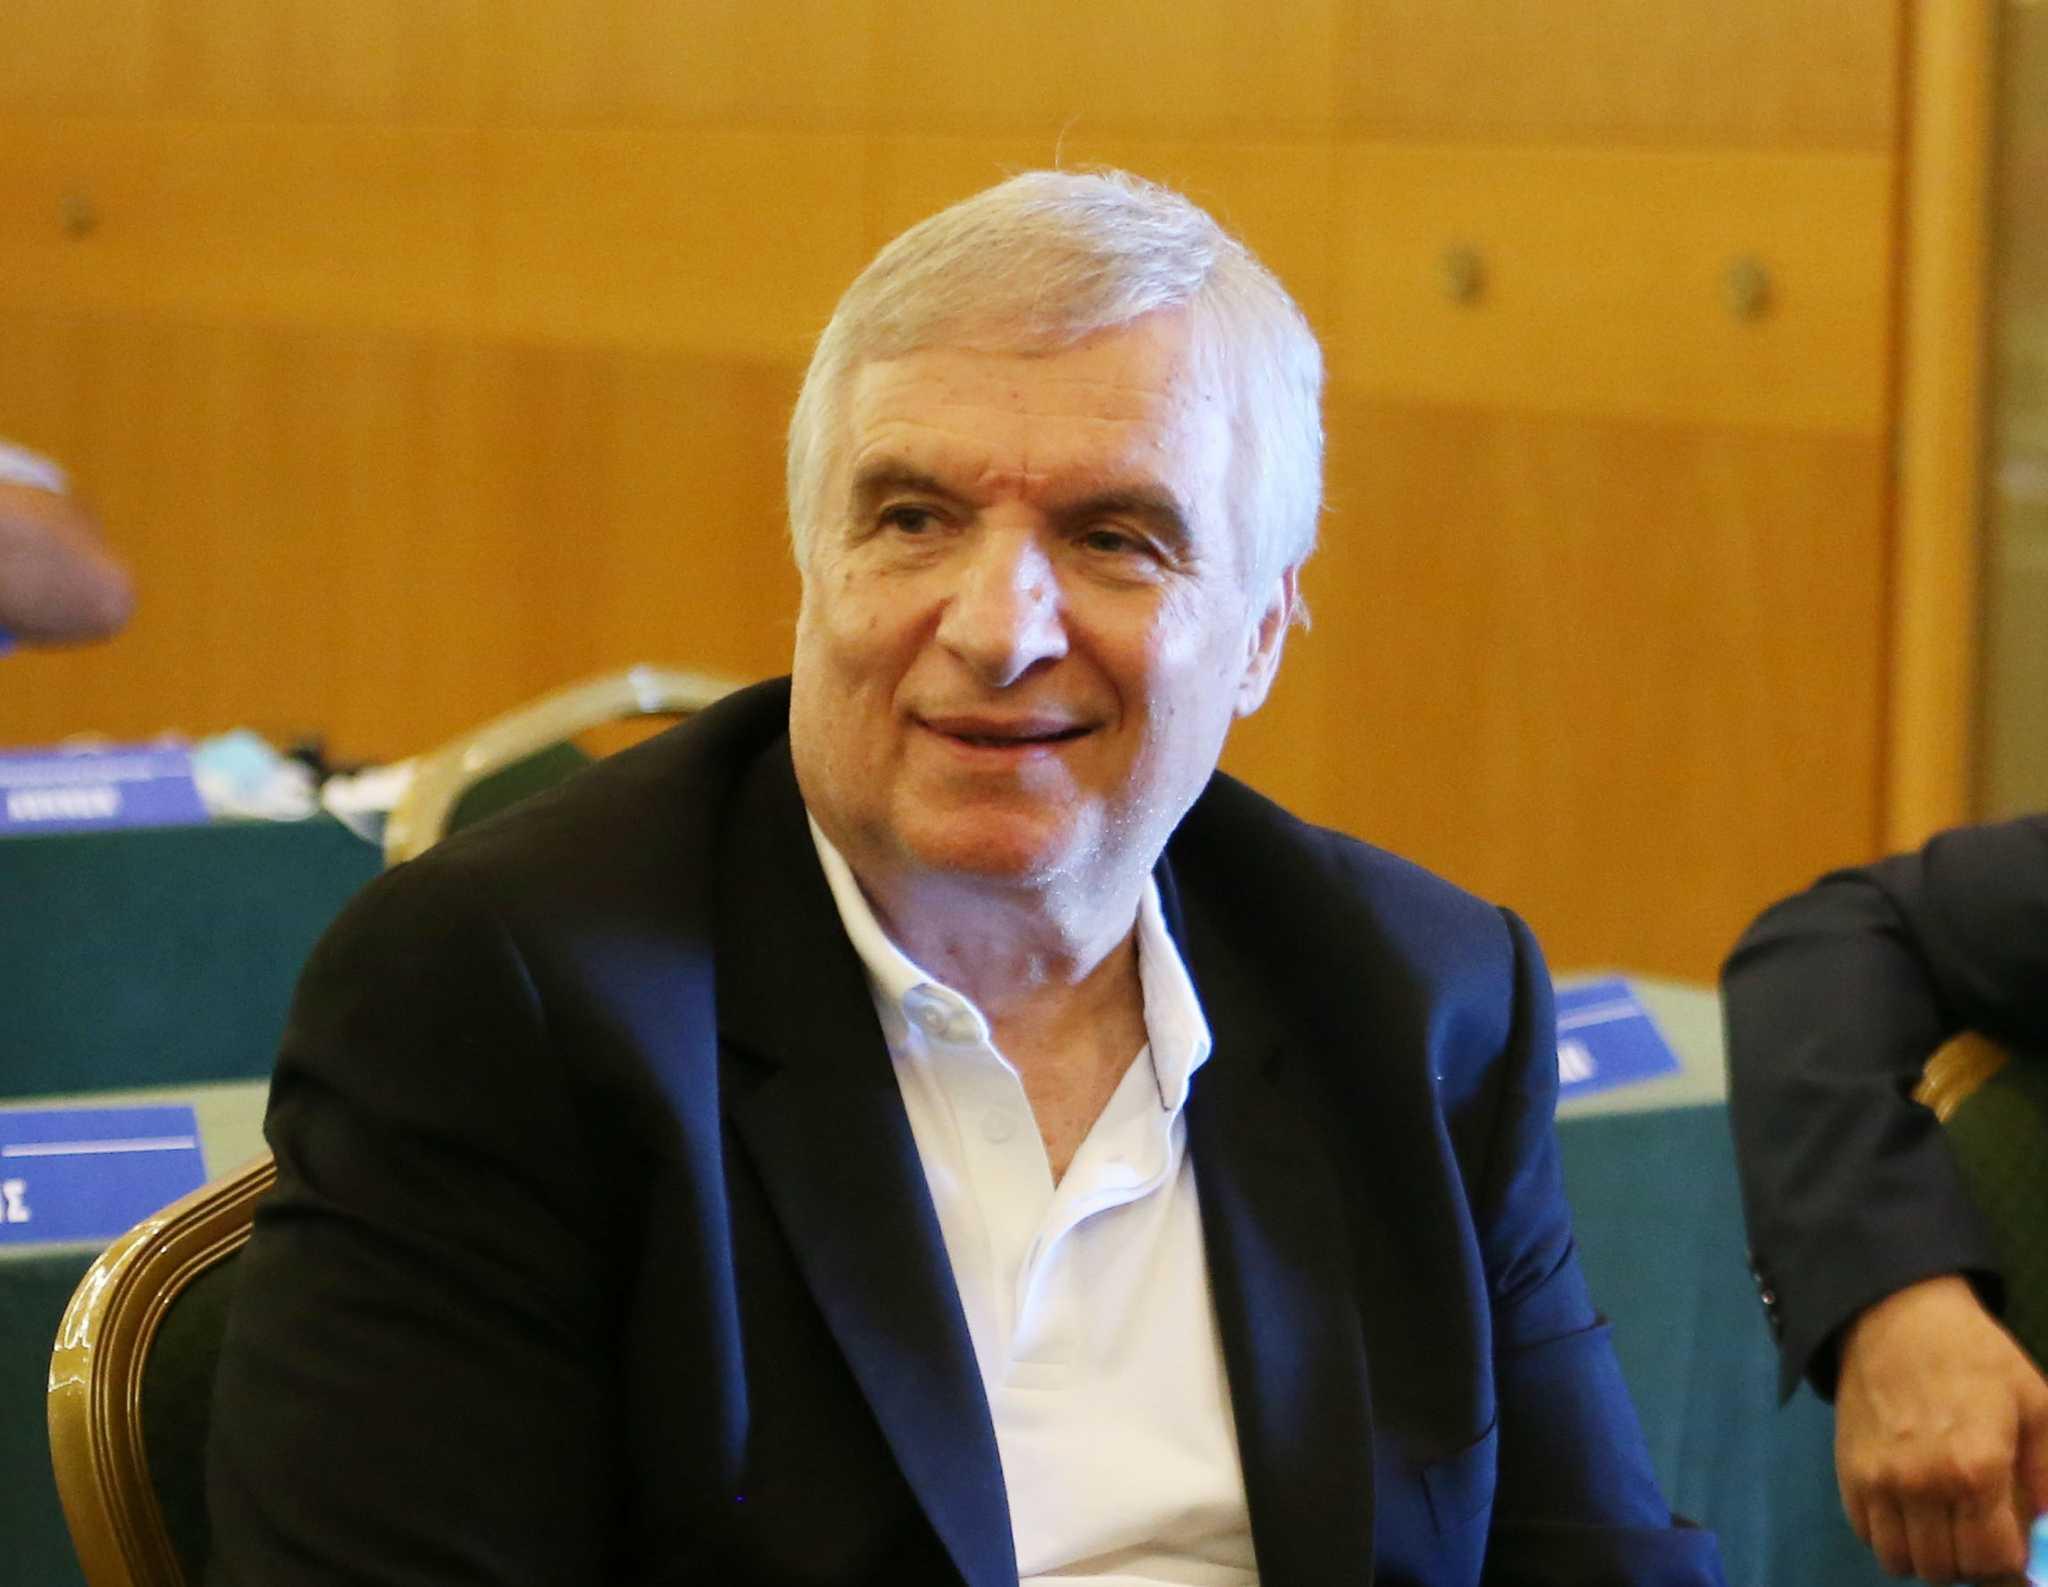 ΕΠΟ: Ο Παναγιώτης Δημητρίου νέος πρόεδρος – «Λυπάμαι για την παραίτηση Ζαγοράκη»